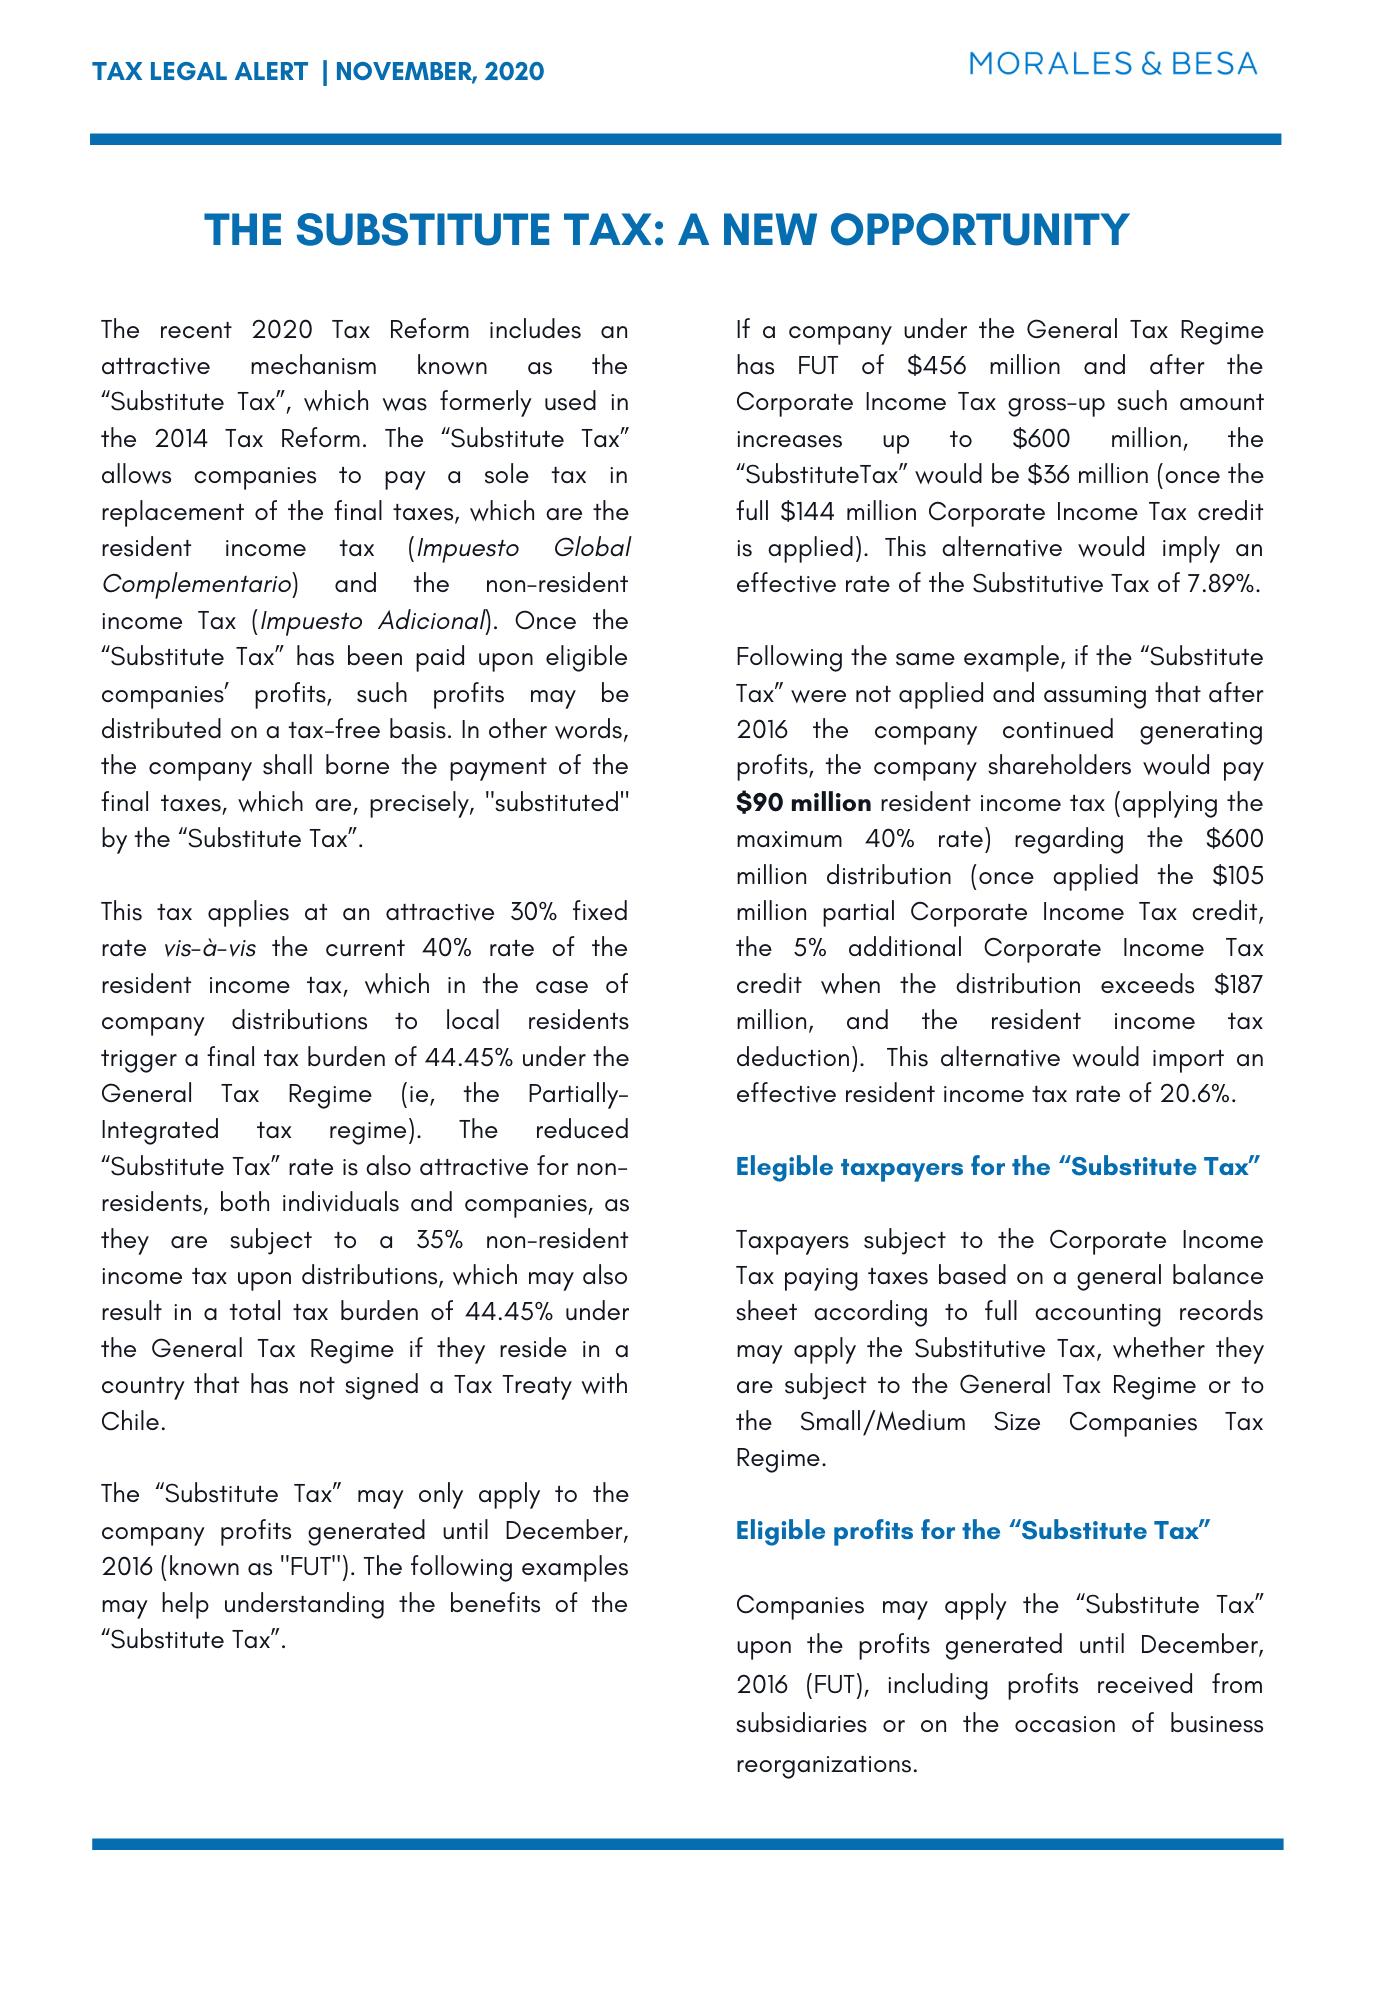 M&B Legal Alert -Tax - November 2020